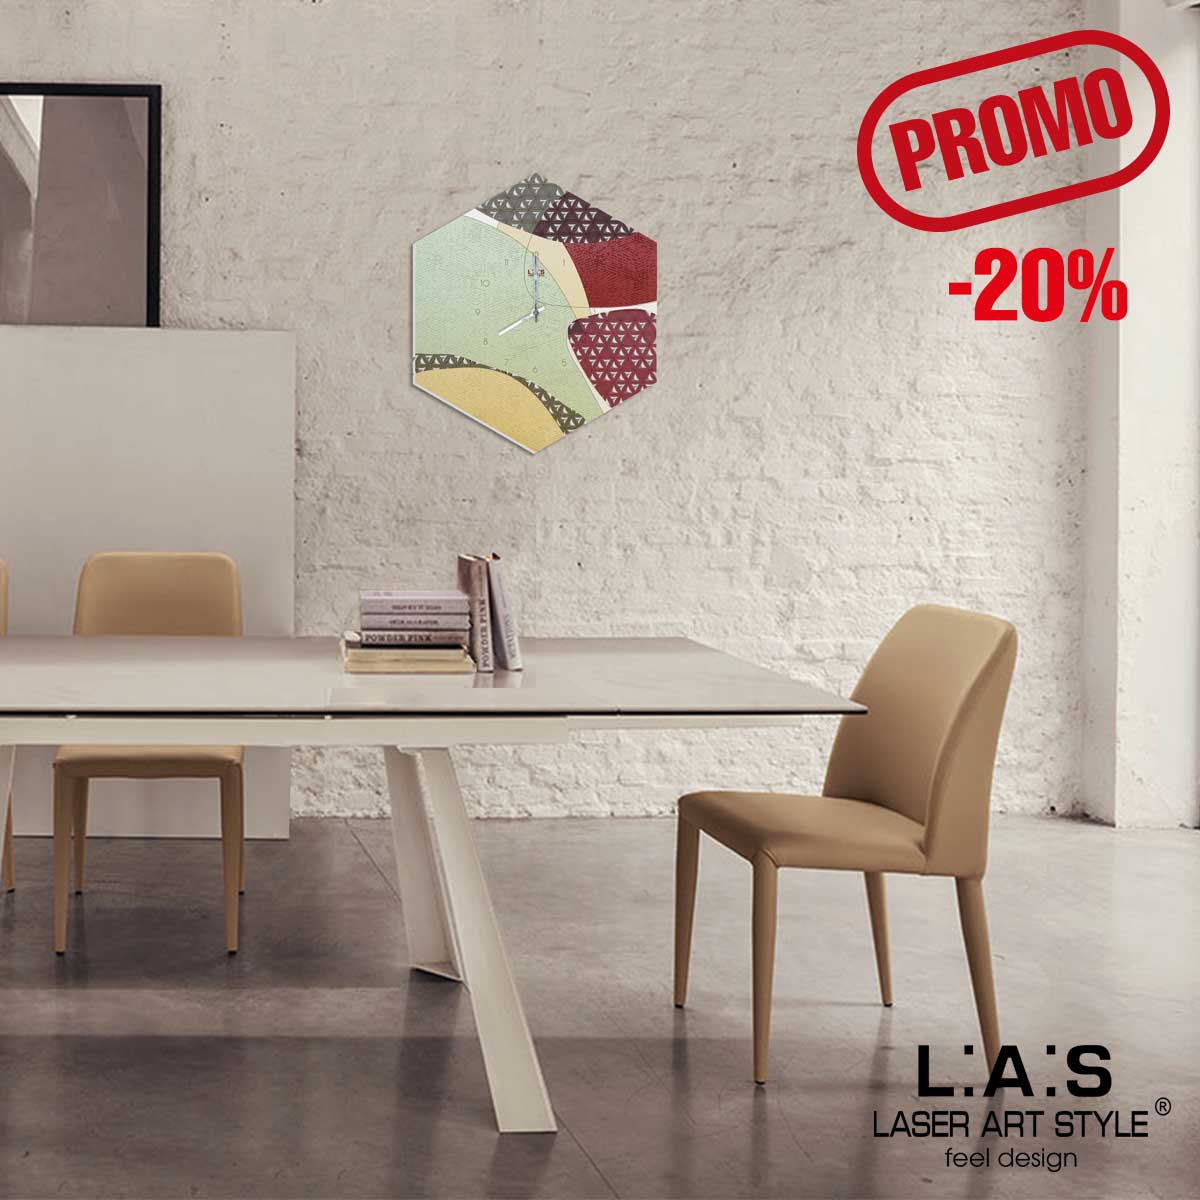 L:A:S - Laser Art Style - OROLOGIO DA PARETE DESIGN GEOMETRICO SI-533 DECORO ROSSO